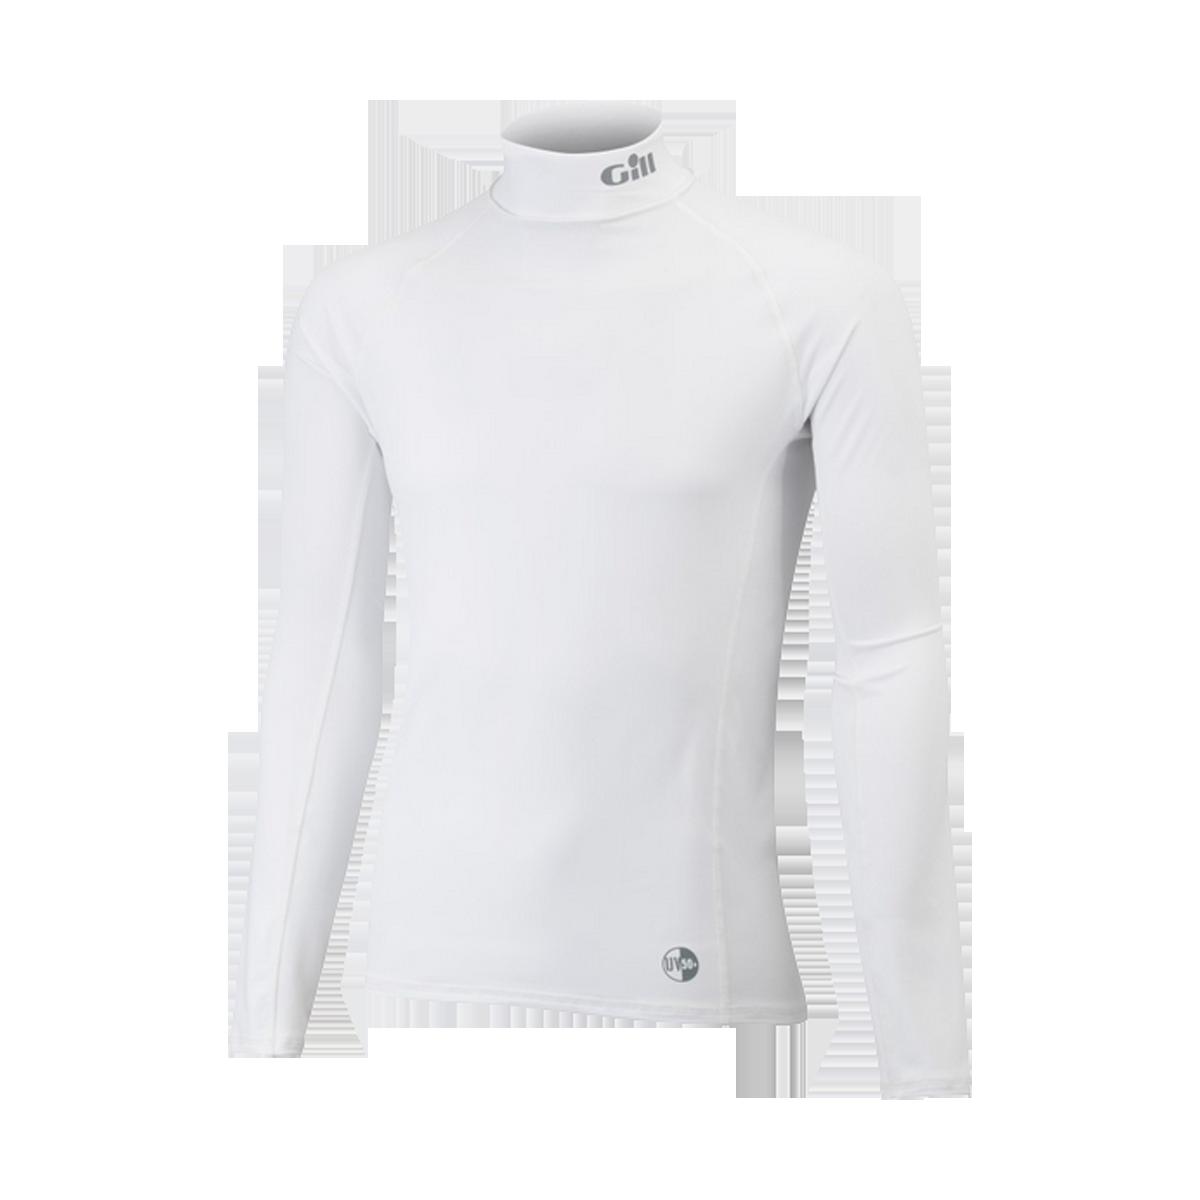 Yacht Uniform - Gill UV Rassh T-shirt